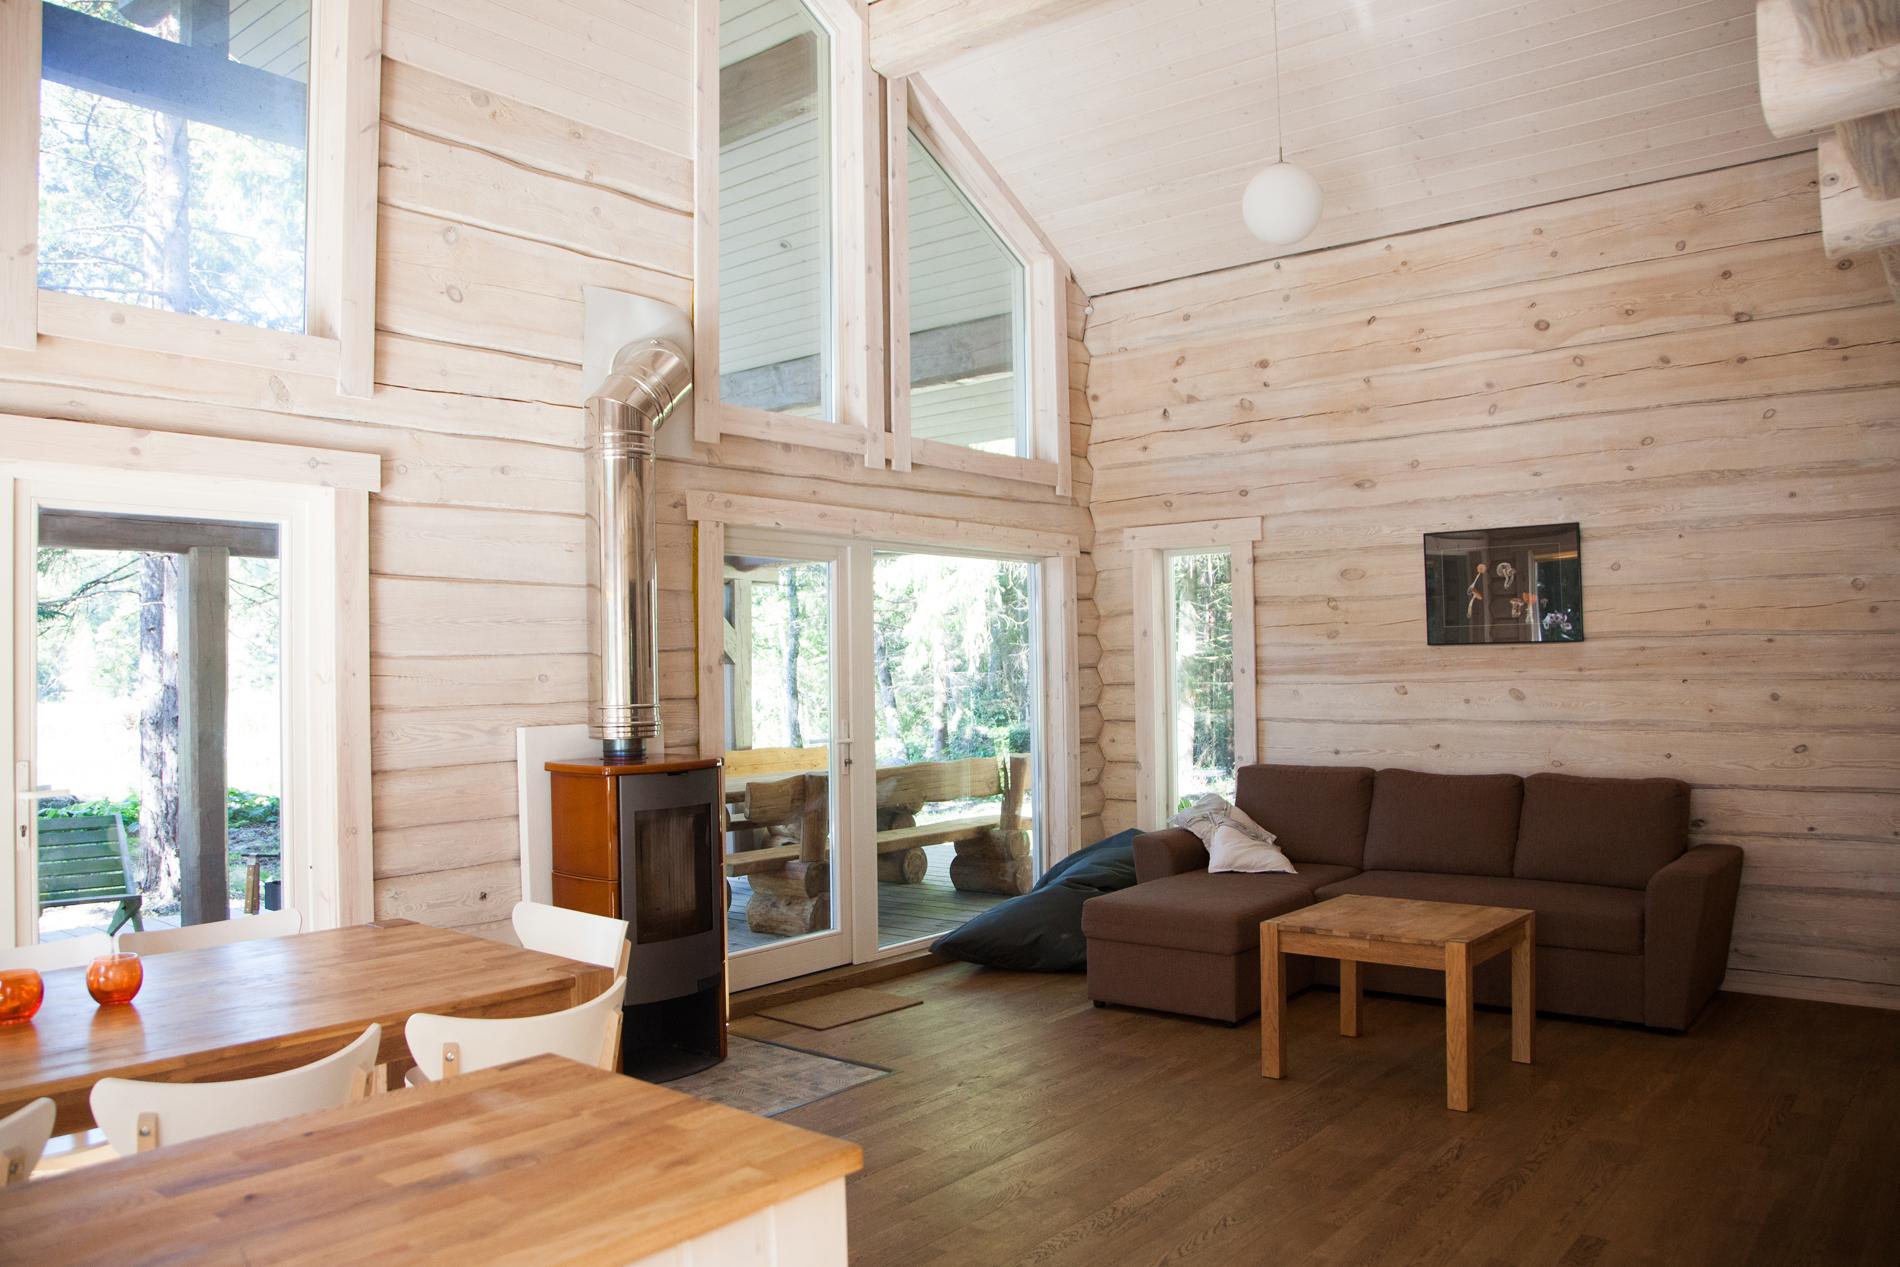 meretuule_puhkemaja_holidayhouse_estonia_harjumaa_saunamaja_elutuba_